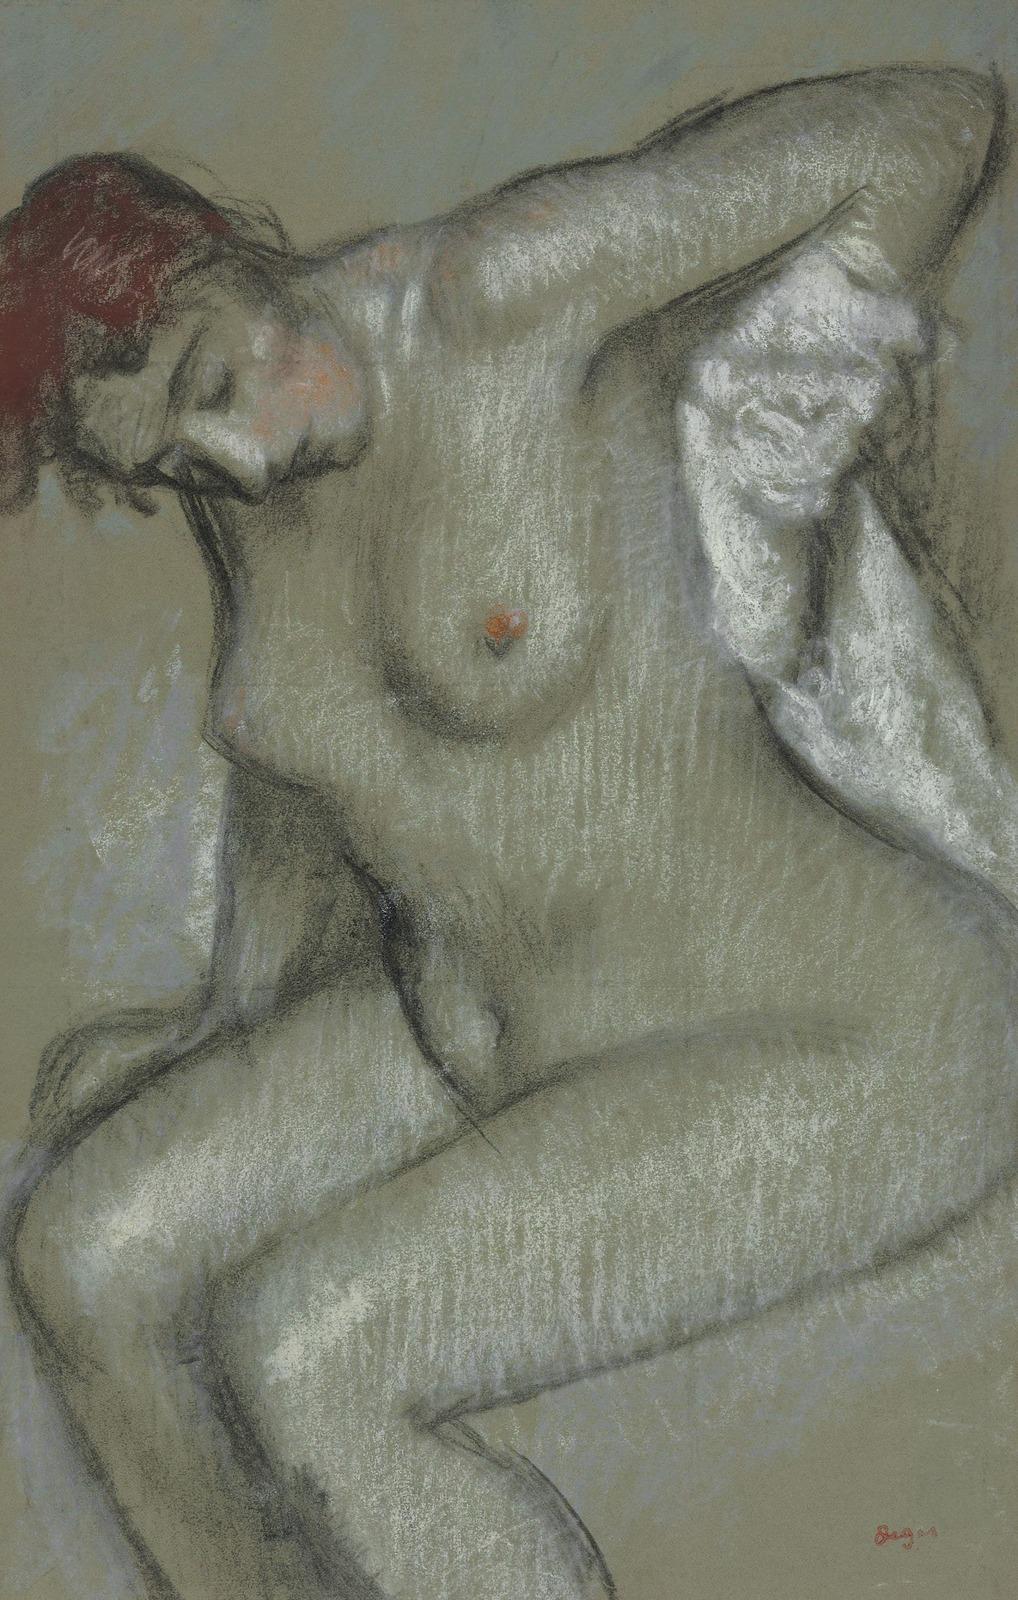 Эдгар Дега. 1895. Вытирающаяся обнаженная (Femme nue s'essuyant). 49.8 x 32.1. Тонированная бумага, пастель и уголь. Частное собрание.